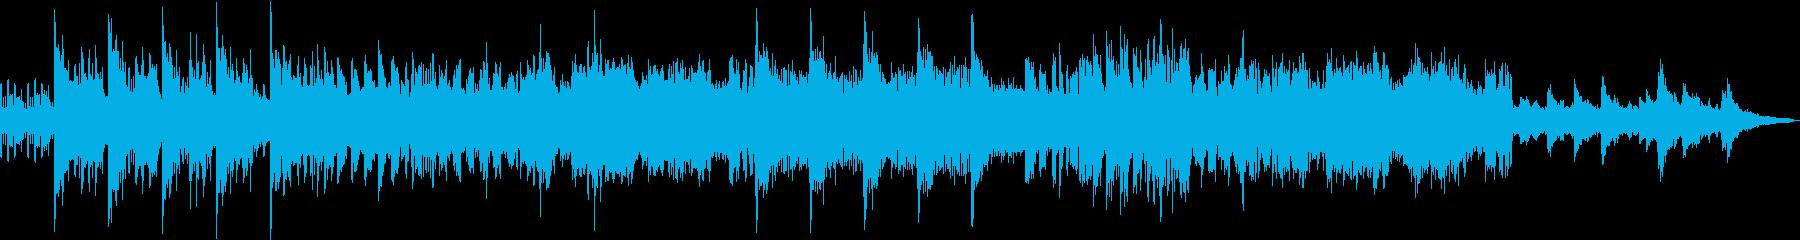 ダークで不穏な暗めサウンドの再生済みの波形